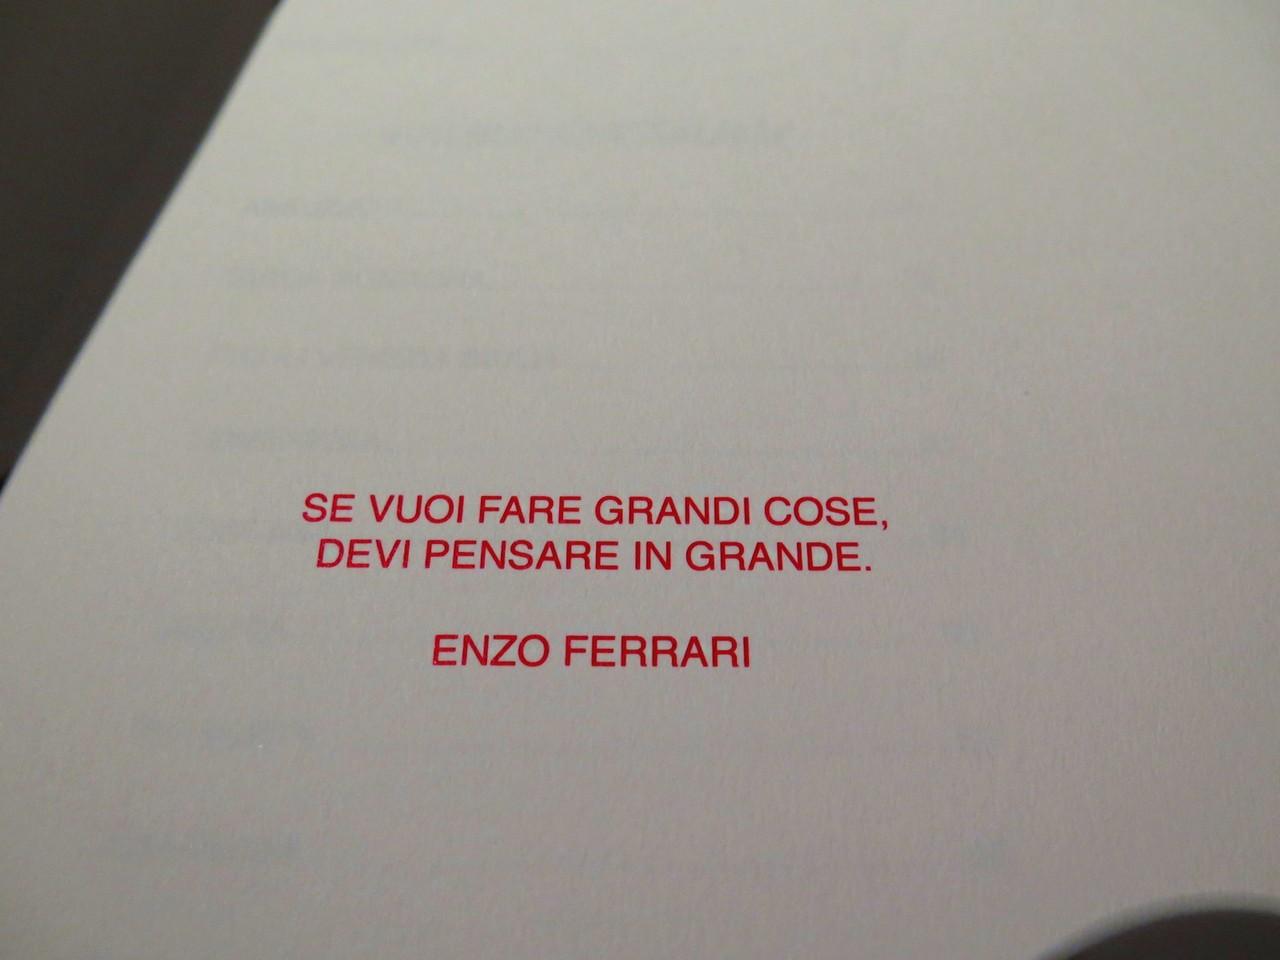 Enzo Ferrari na carta de vinhos da OSTERIA FRANCESCANA